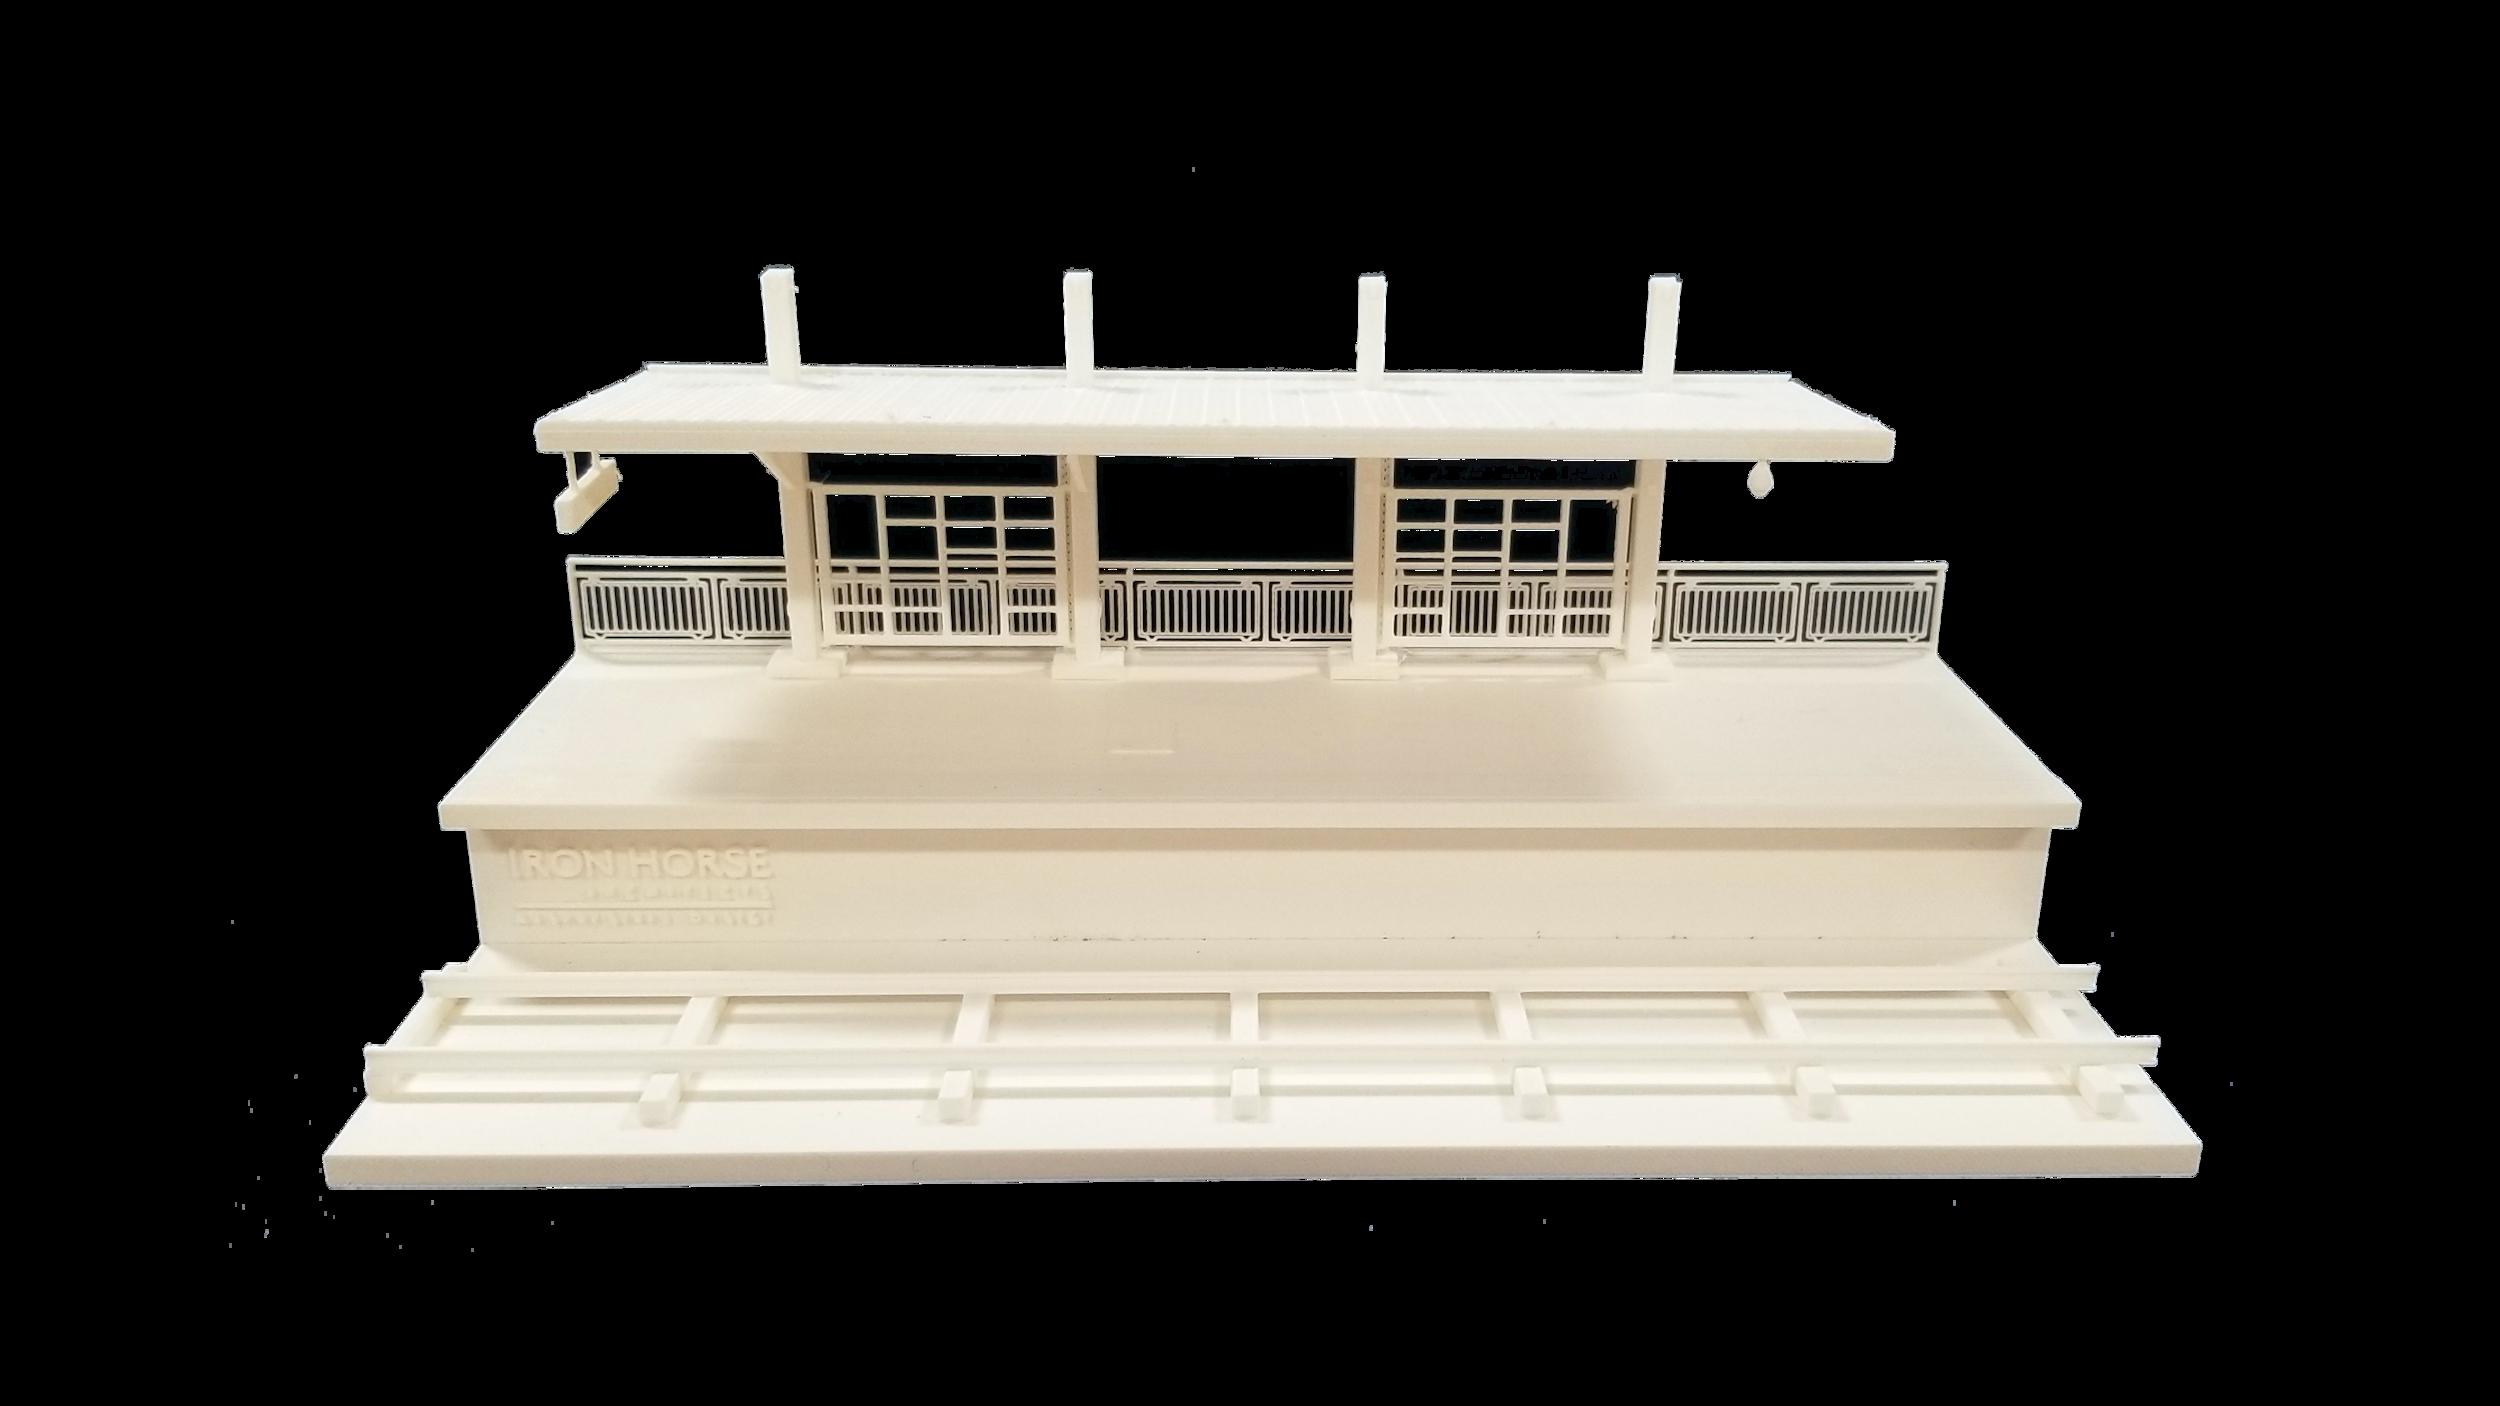 We Print in 3D